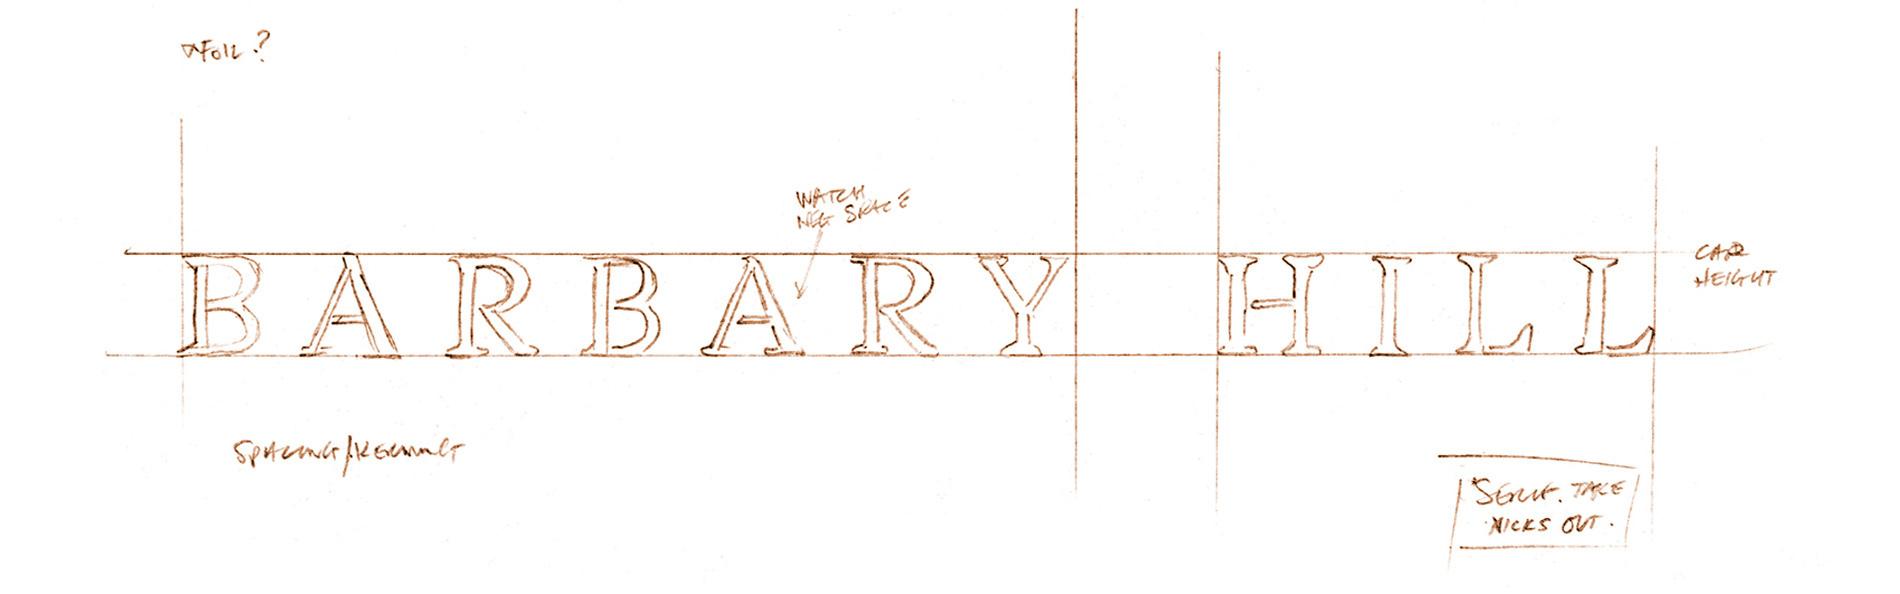 Barbary2 3